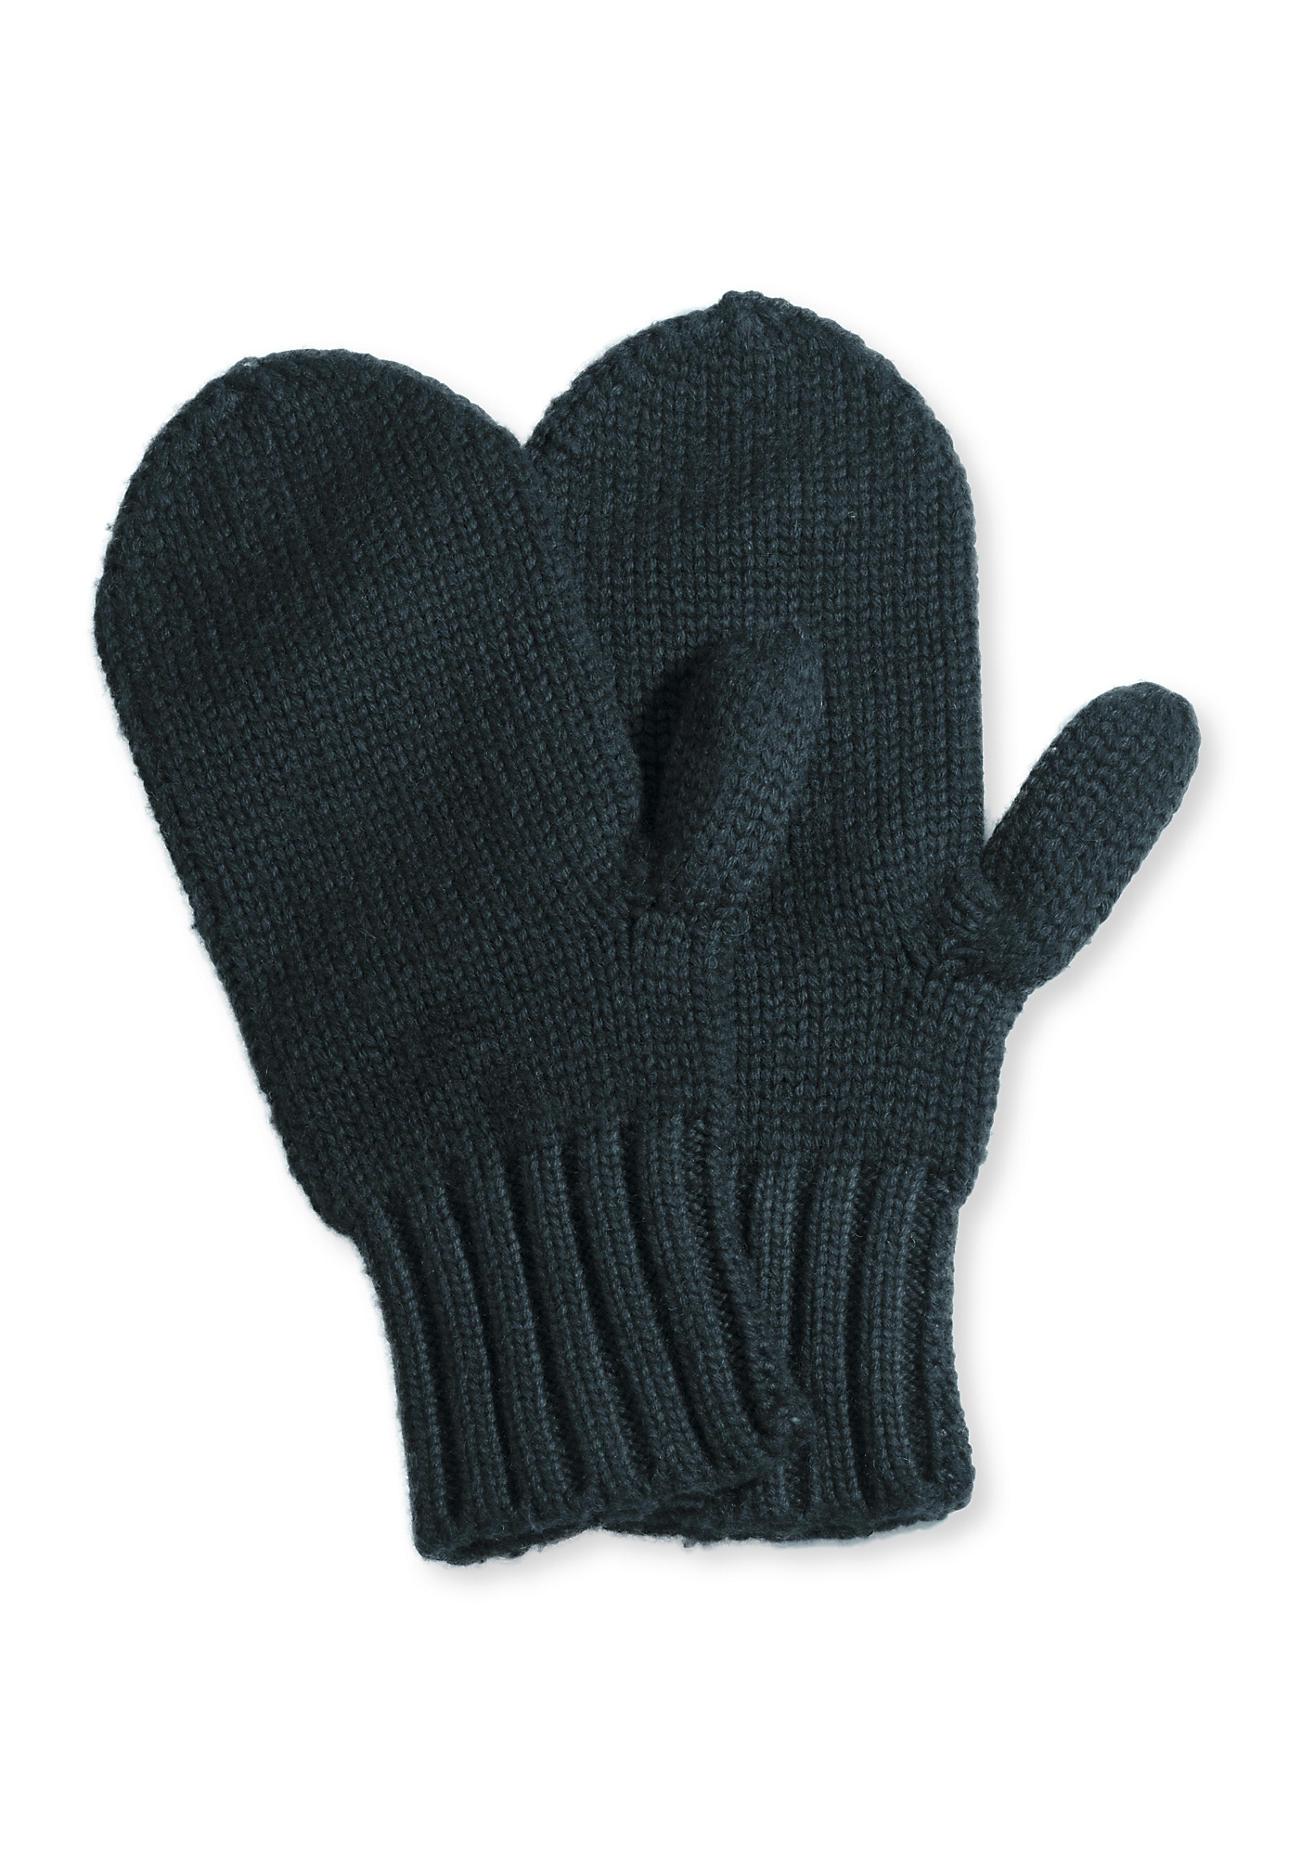 hessnatur Damen Fäustlinge aus Schurwolle – grün – Größe 1size | Accessoires > Handschuhe > Fäustlinge | Tannengrün | hessnatur